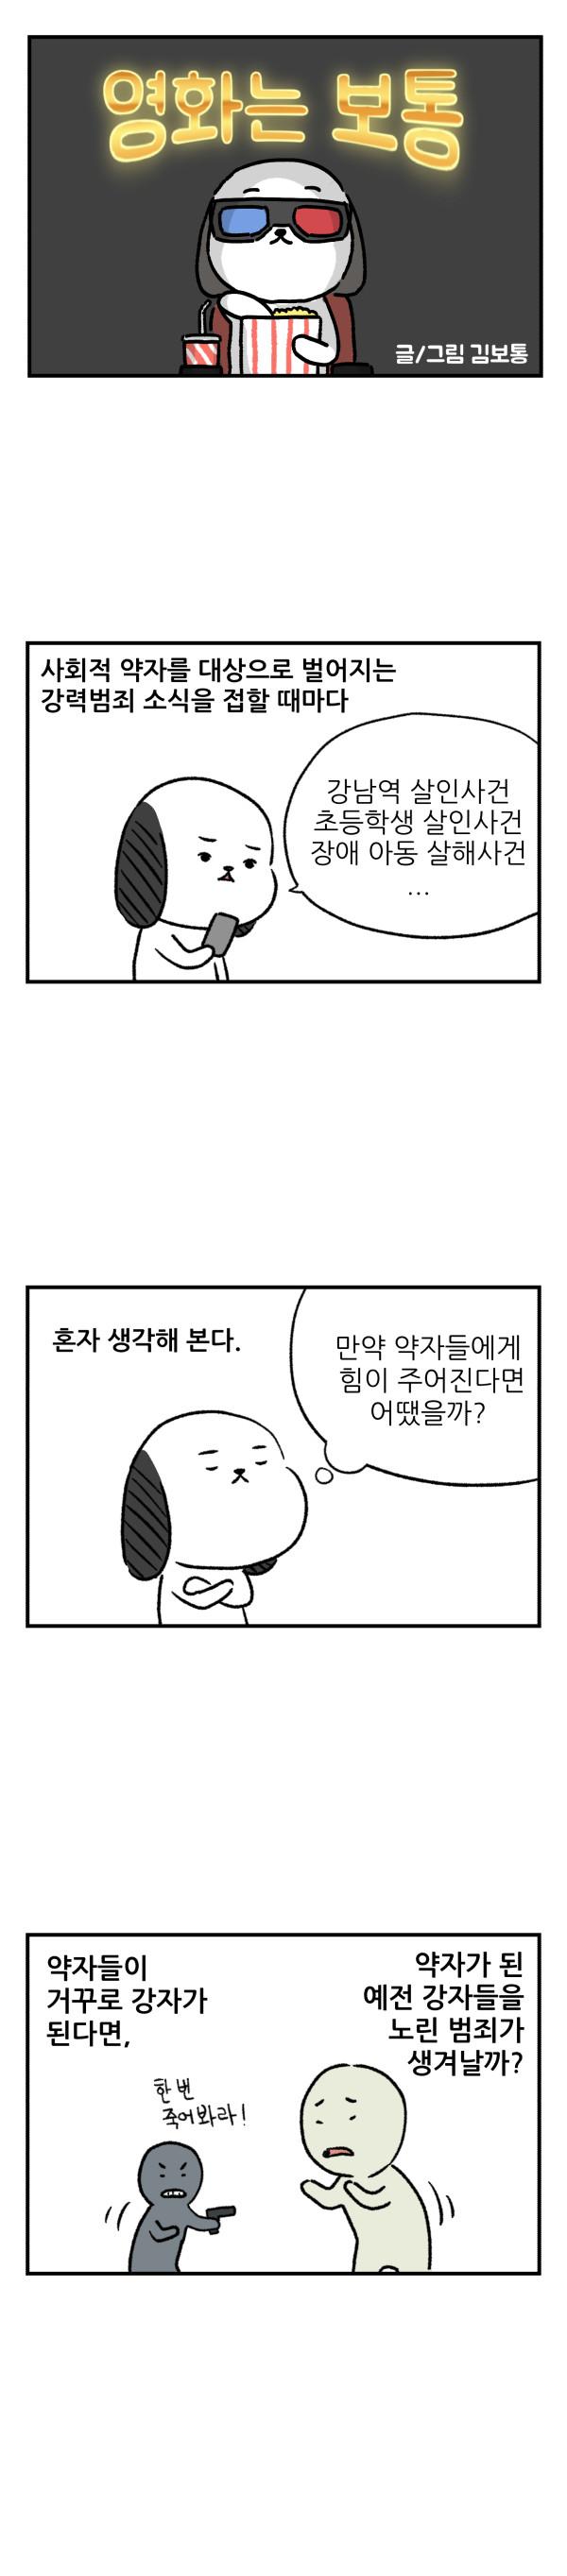 600_001.jpg